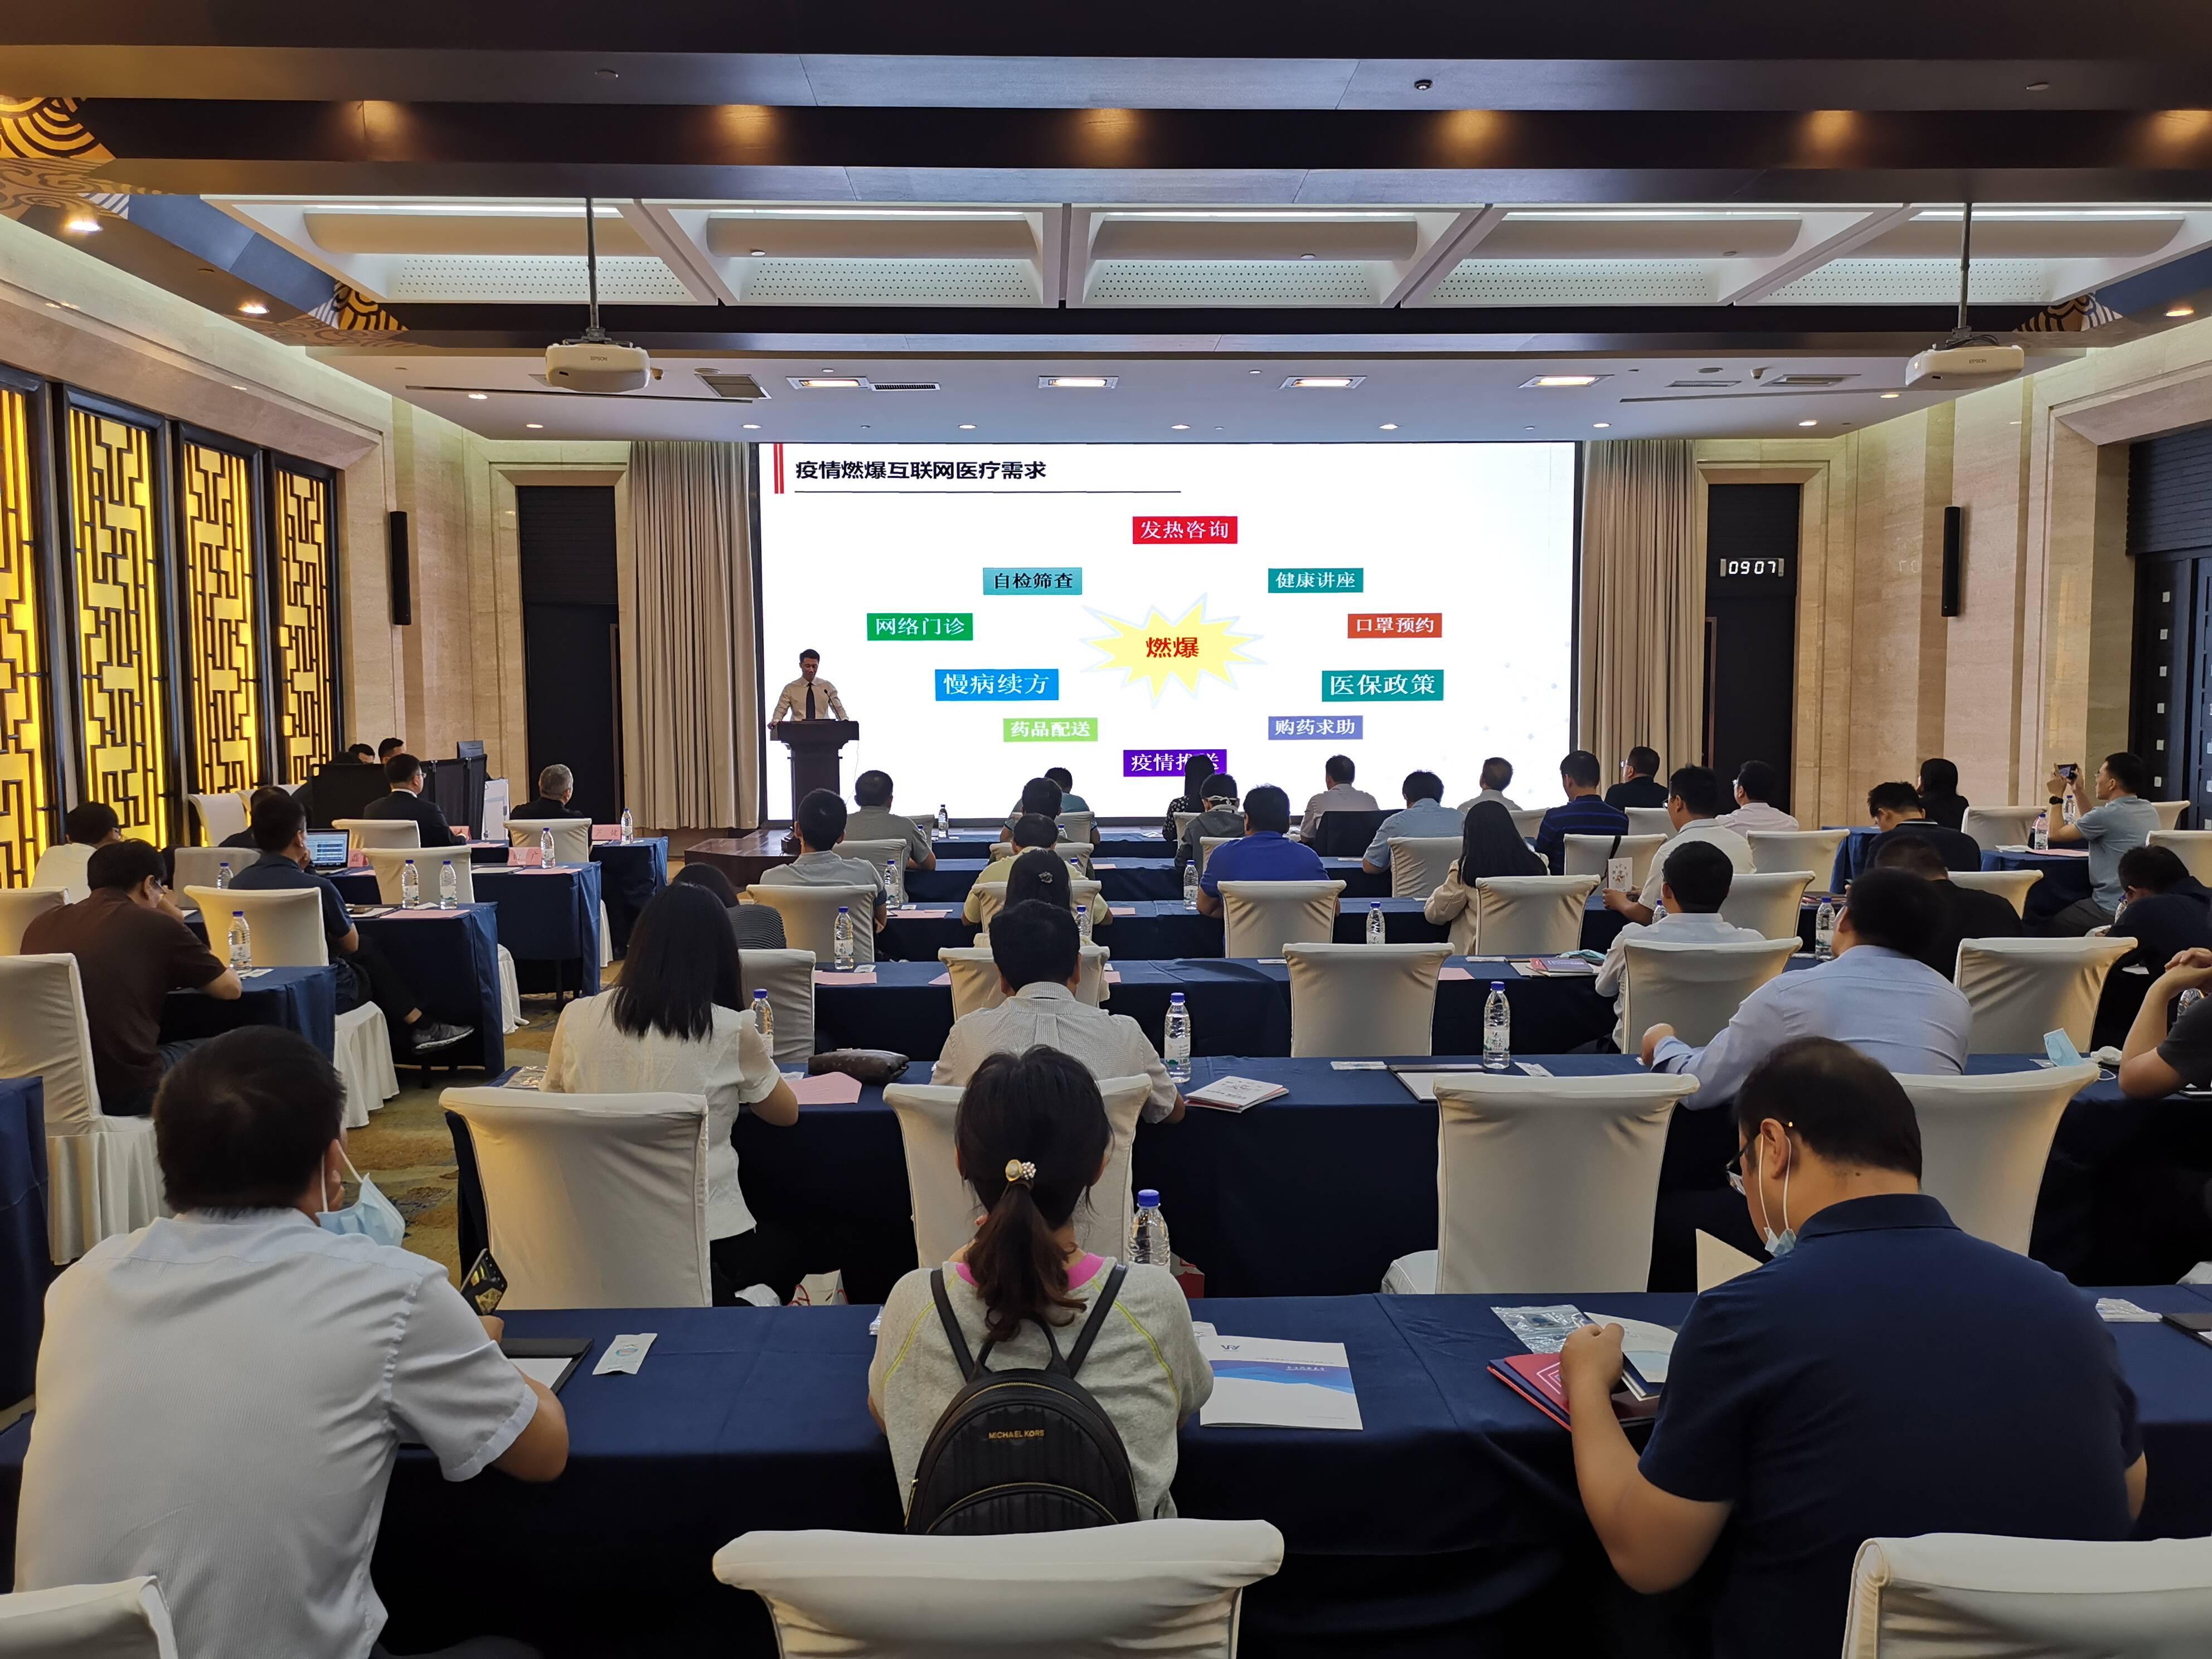 网安山东|2020国家网络安全宣传周山东省卫生健康网络安全论坛举行